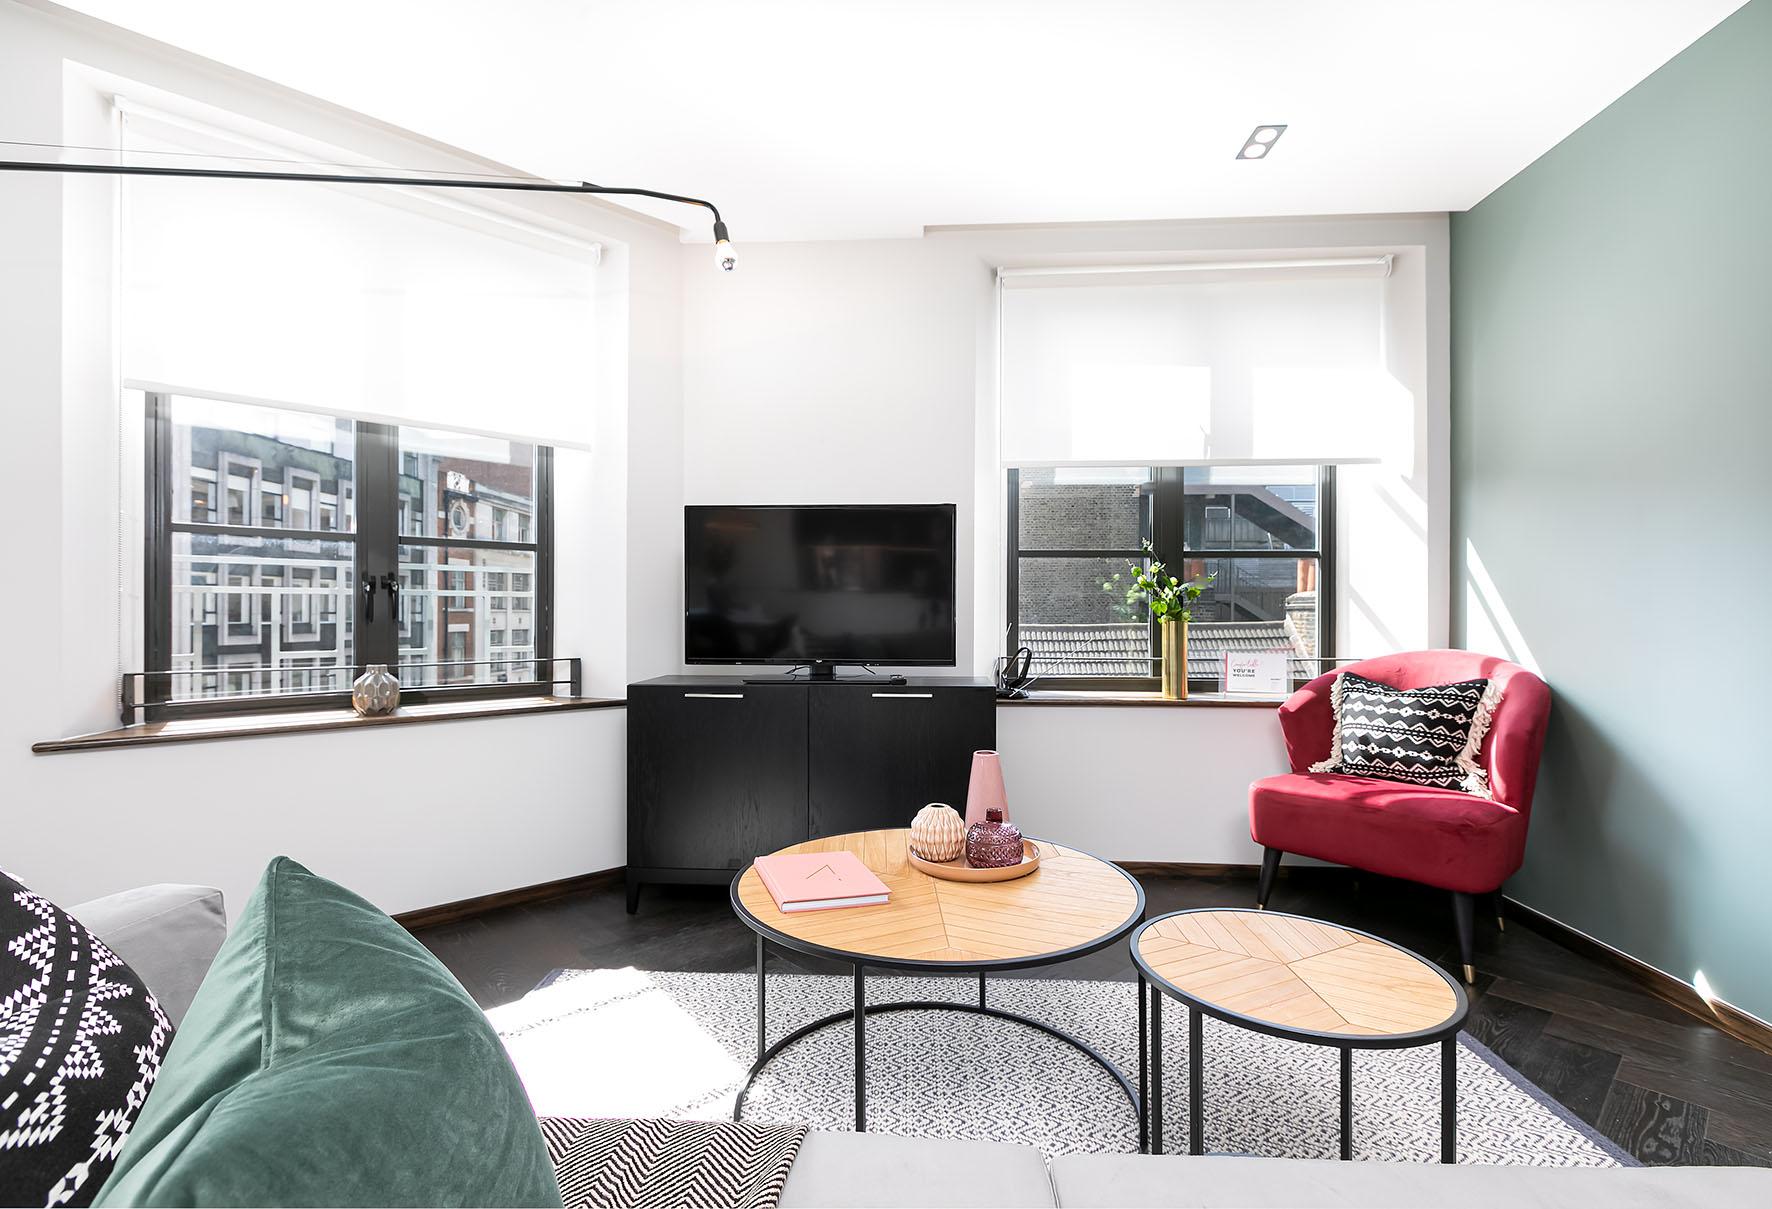 Lovelydays luxury service apartment rental - London - Soho - Noel Street VI - Lovelysuite - 2 bedrooms - 2 bathrooms - Luxury living room - 03c221f5dd76 - Lovelydays